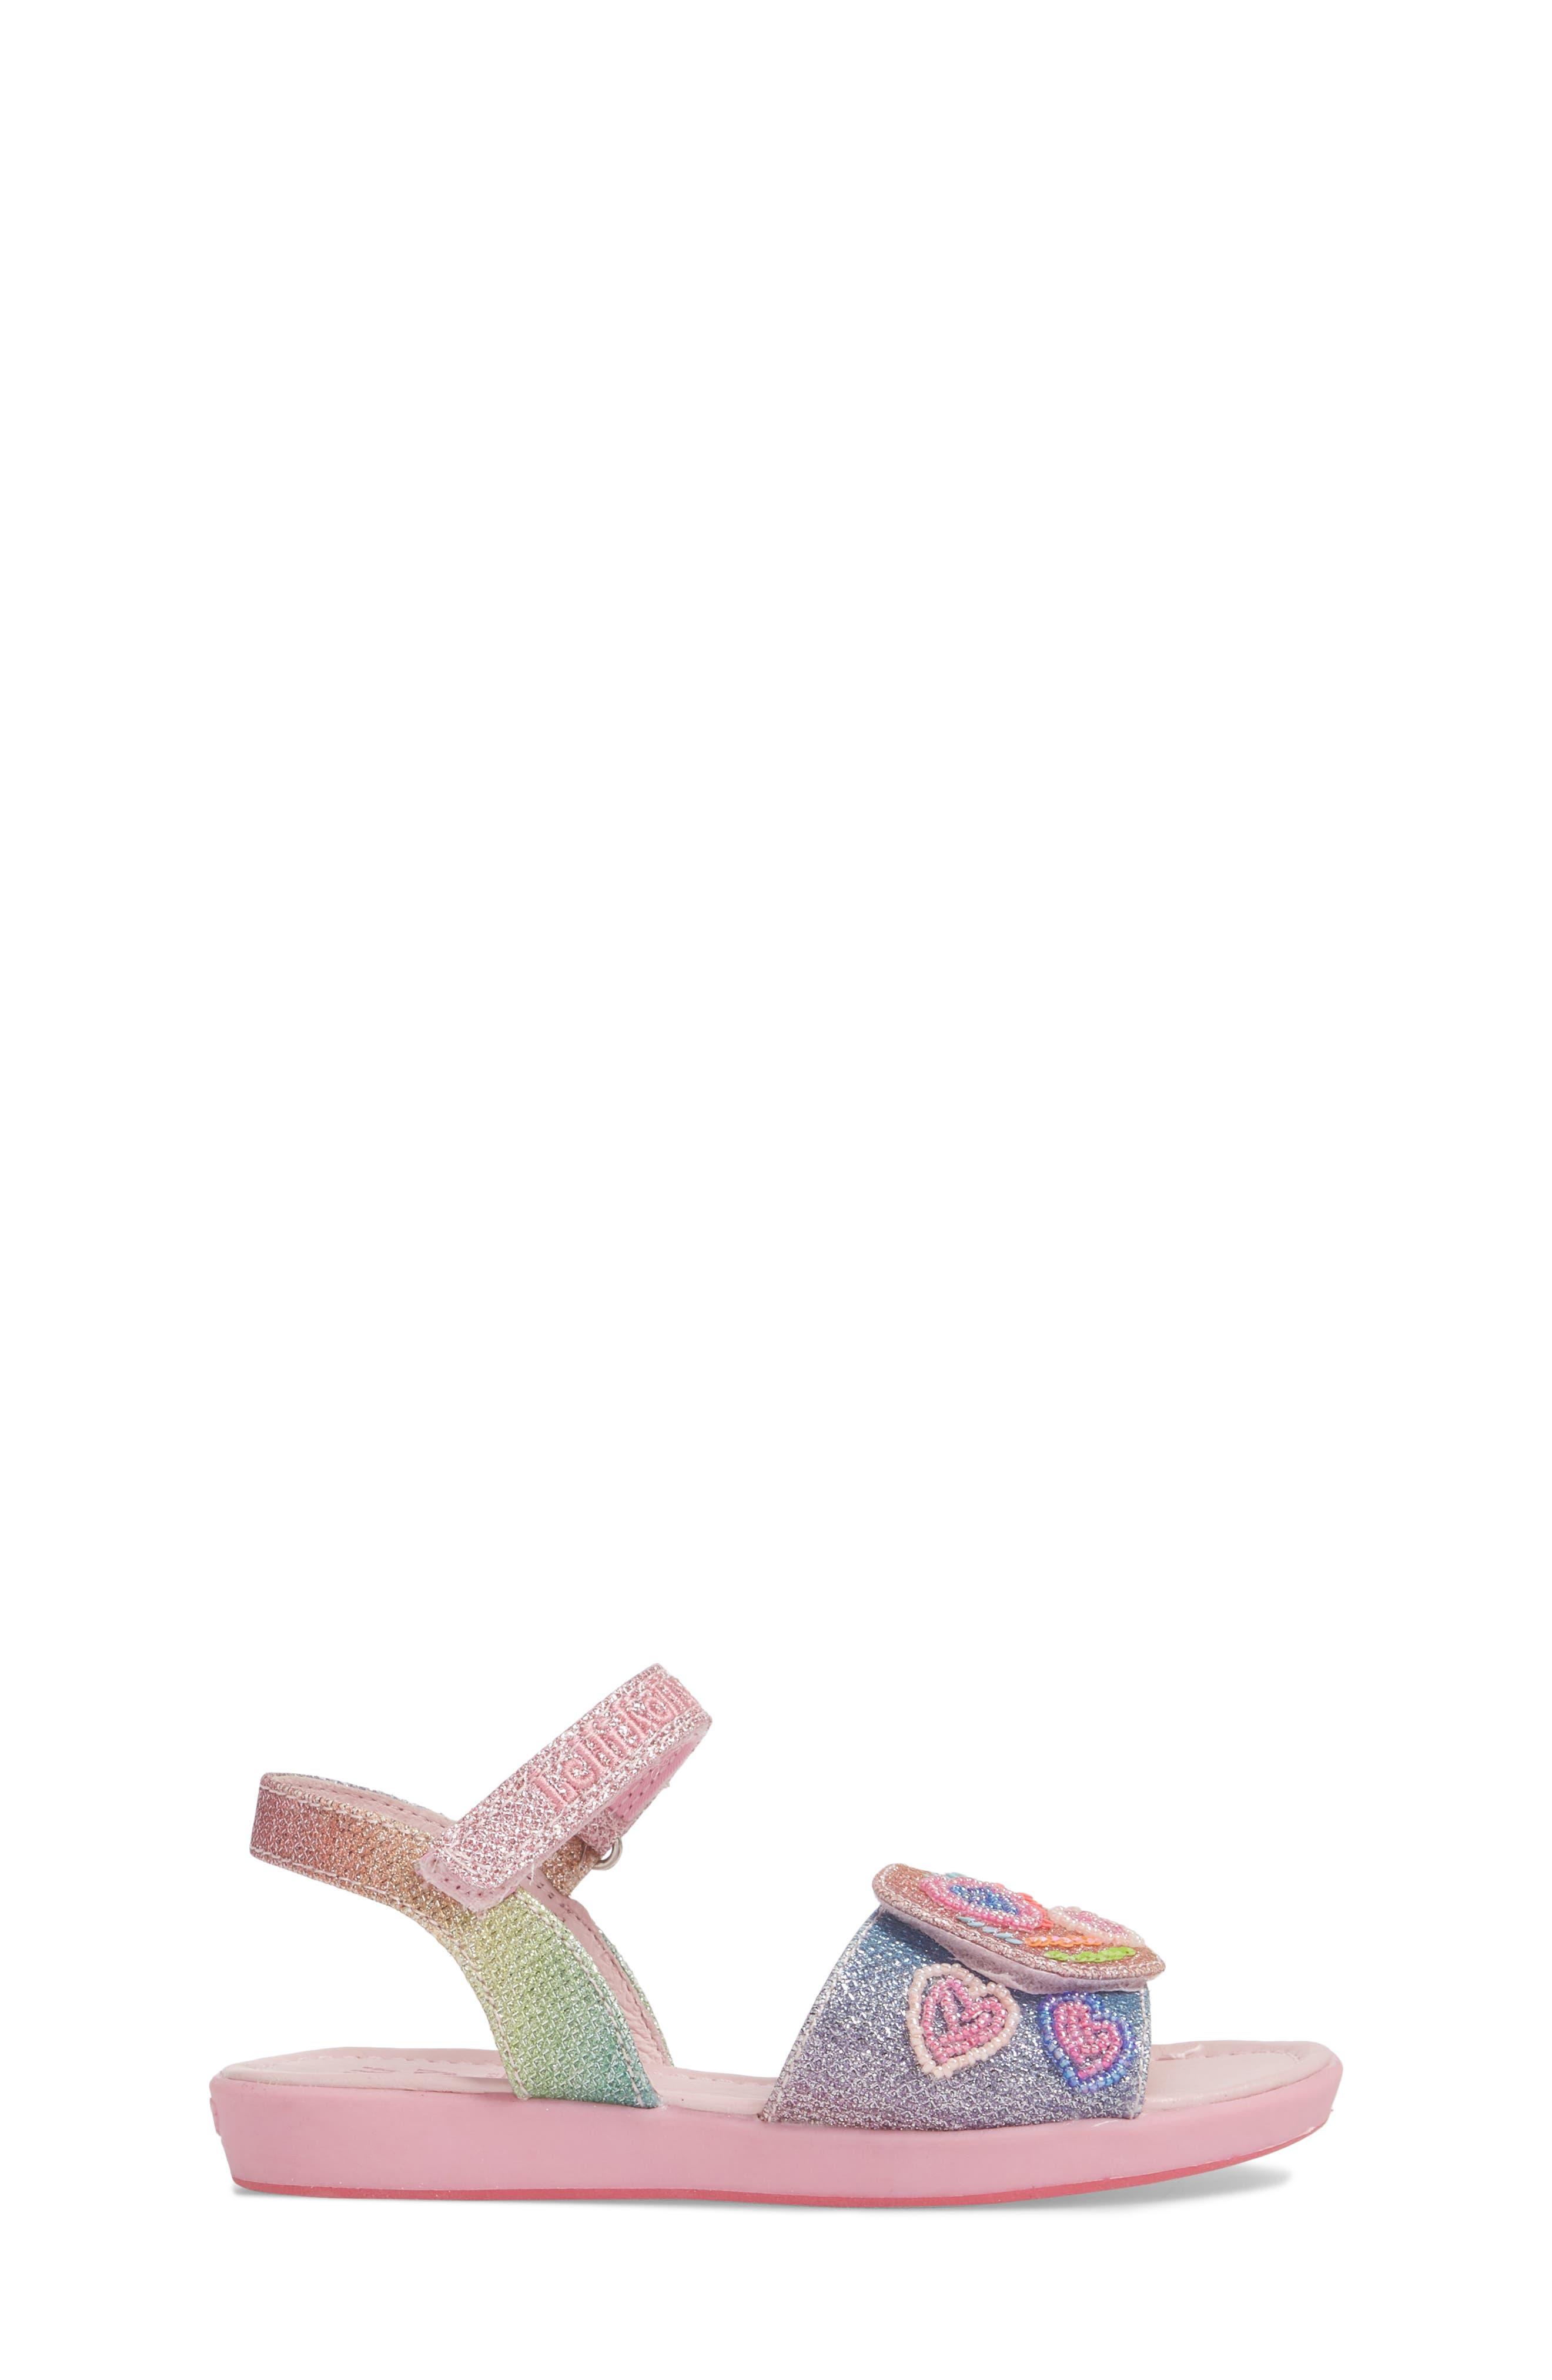 Beaded Sandal,                             Alternate thumbnail 3, color,                             Blue